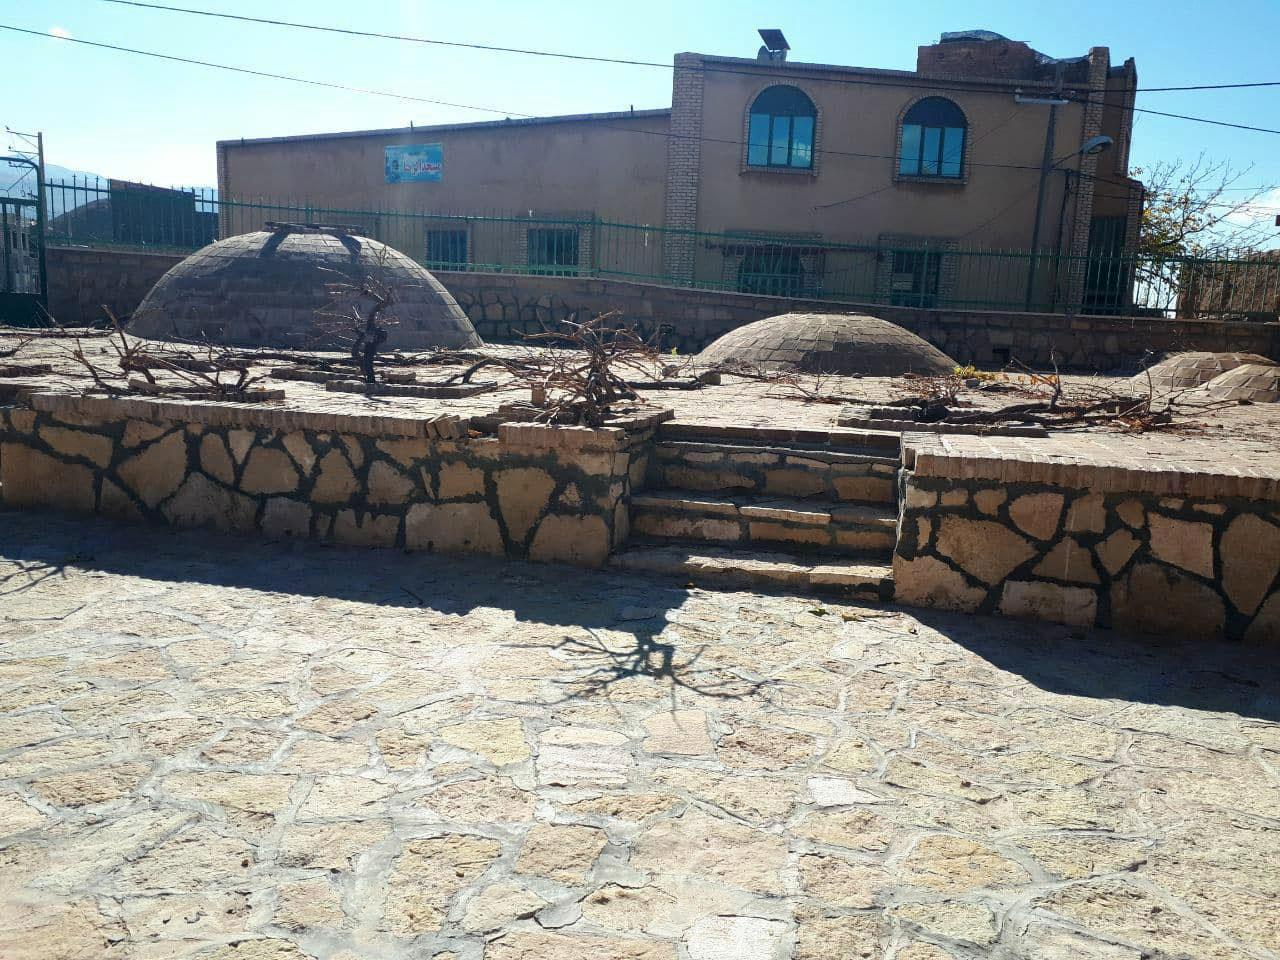 ثبت گرمابه باغشجرد اسفراین در لیست آثار واجد ارزش تاریخی کشور